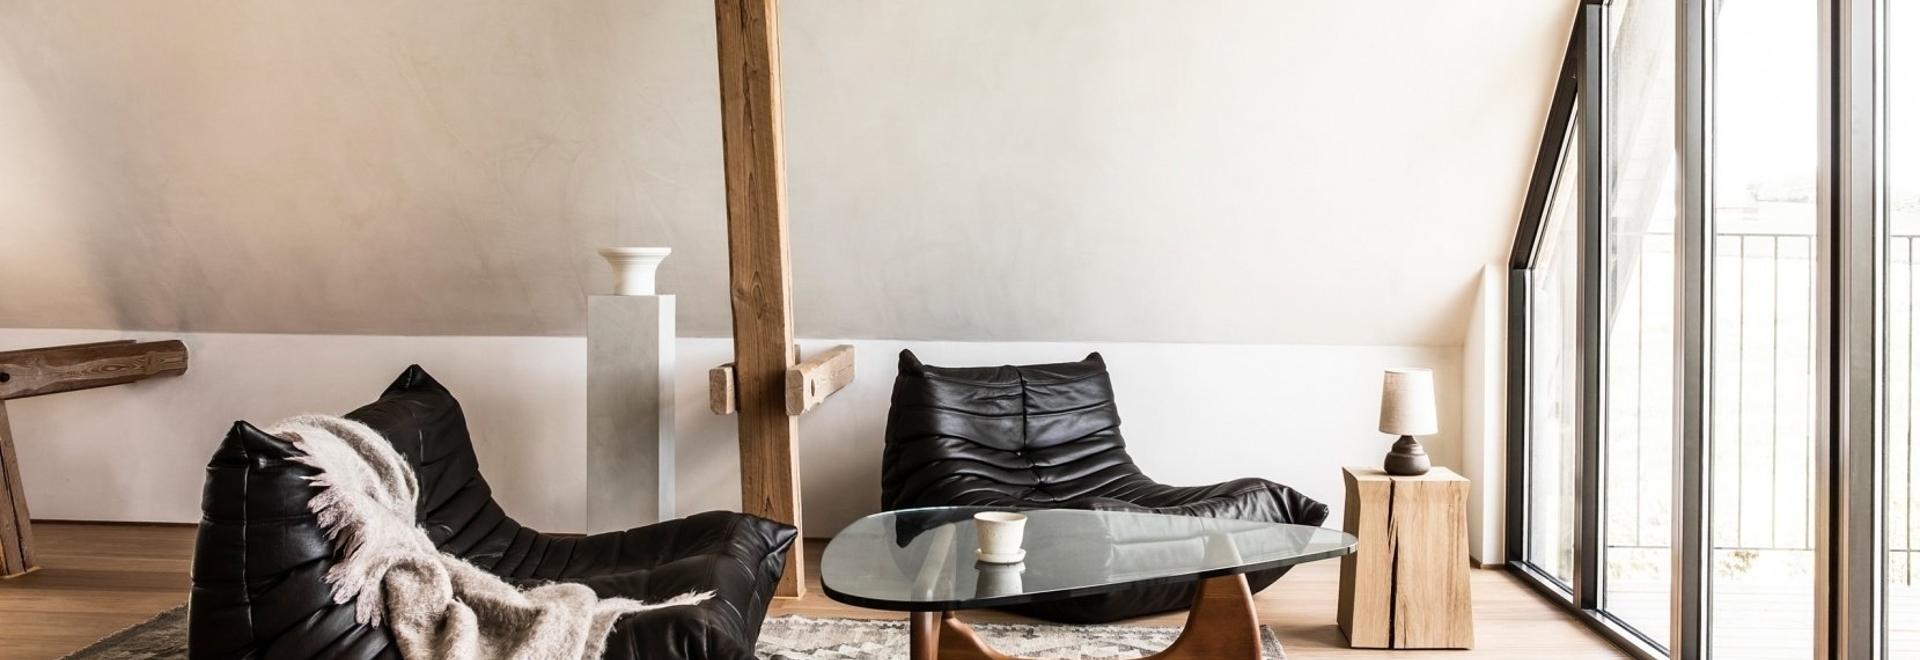 TypeO Loft: Un rifugio rurale in Svezia celebra il design scandinavo